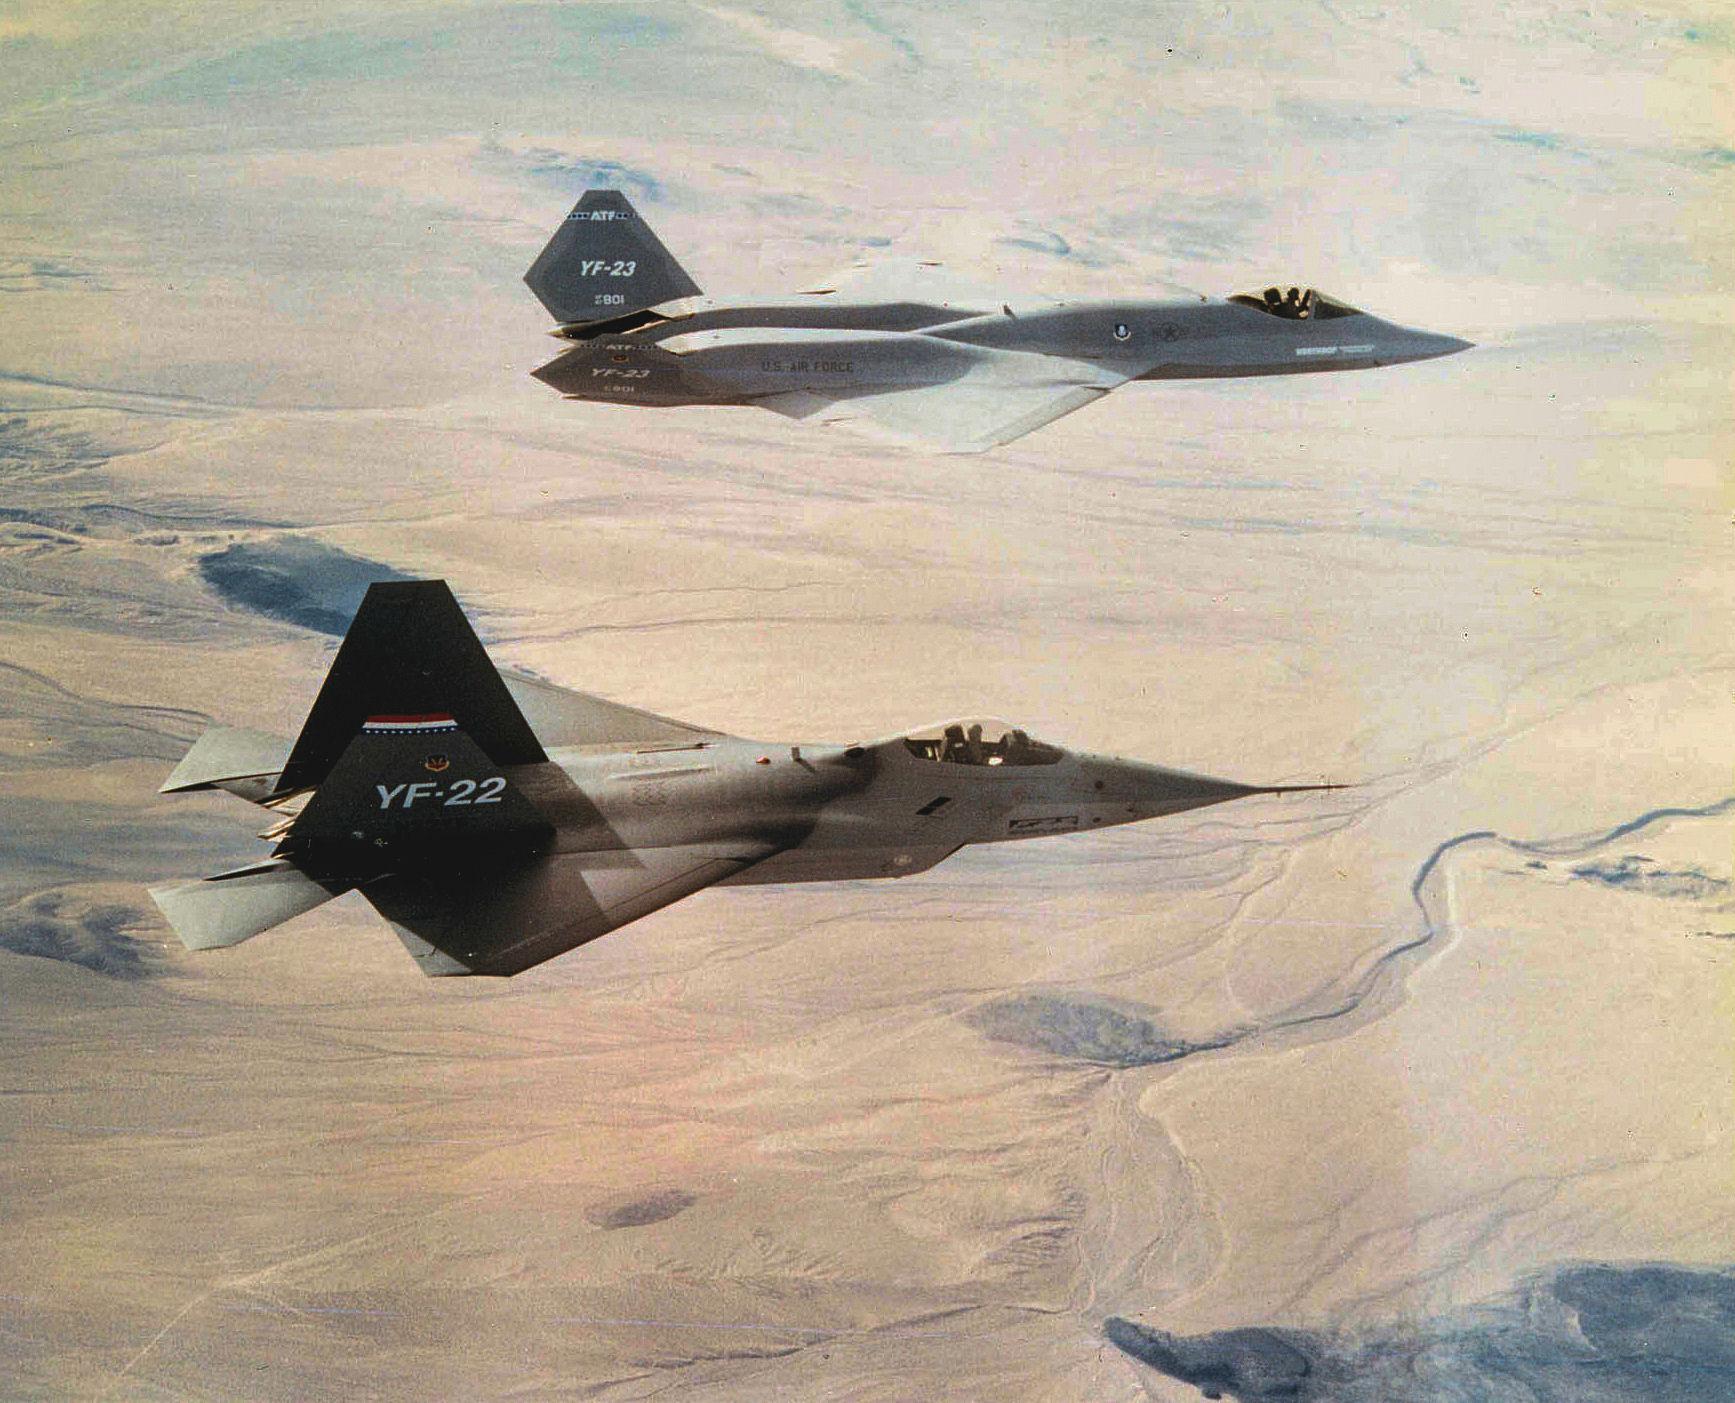 YF-22 and YF-23